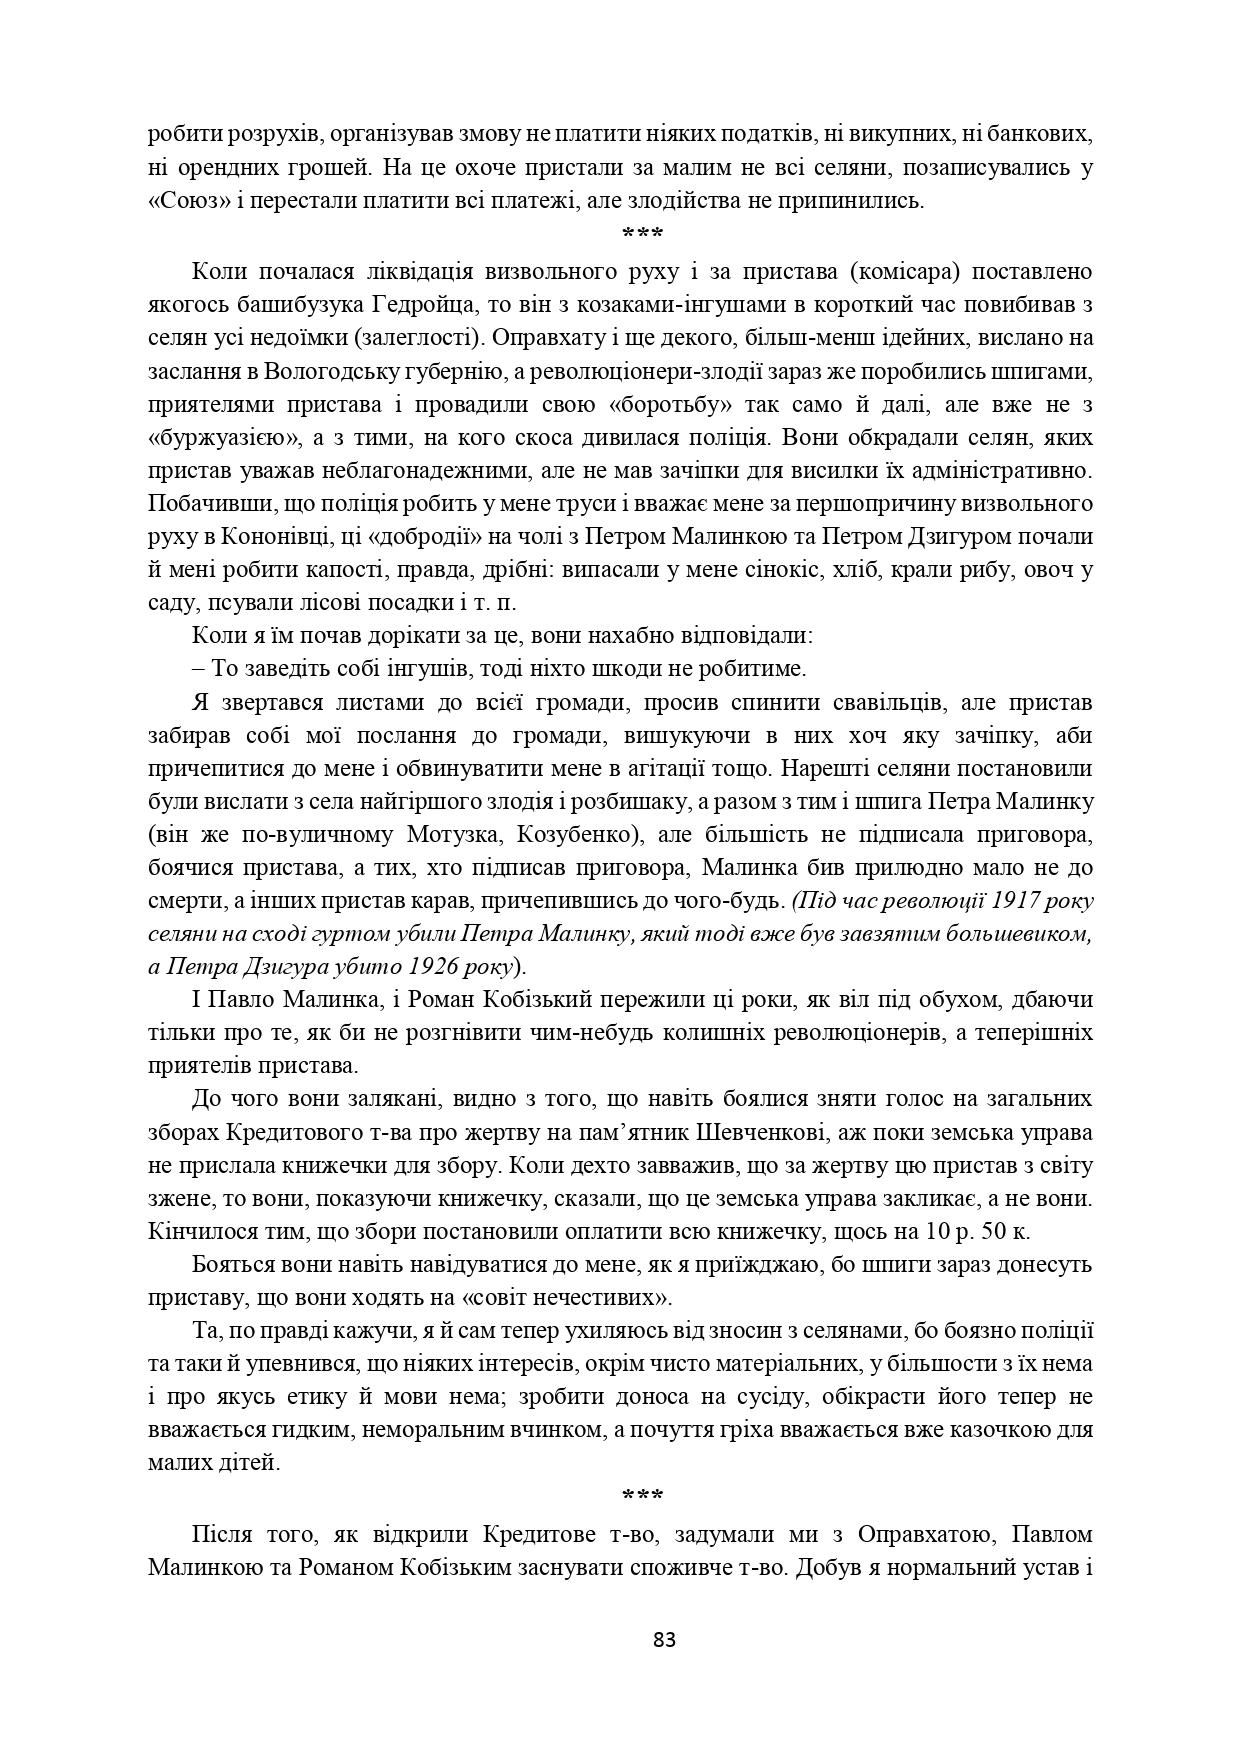 ІСТОРІЯ СЕЛА КОНОНІВКА 2021 (1)_page-0083